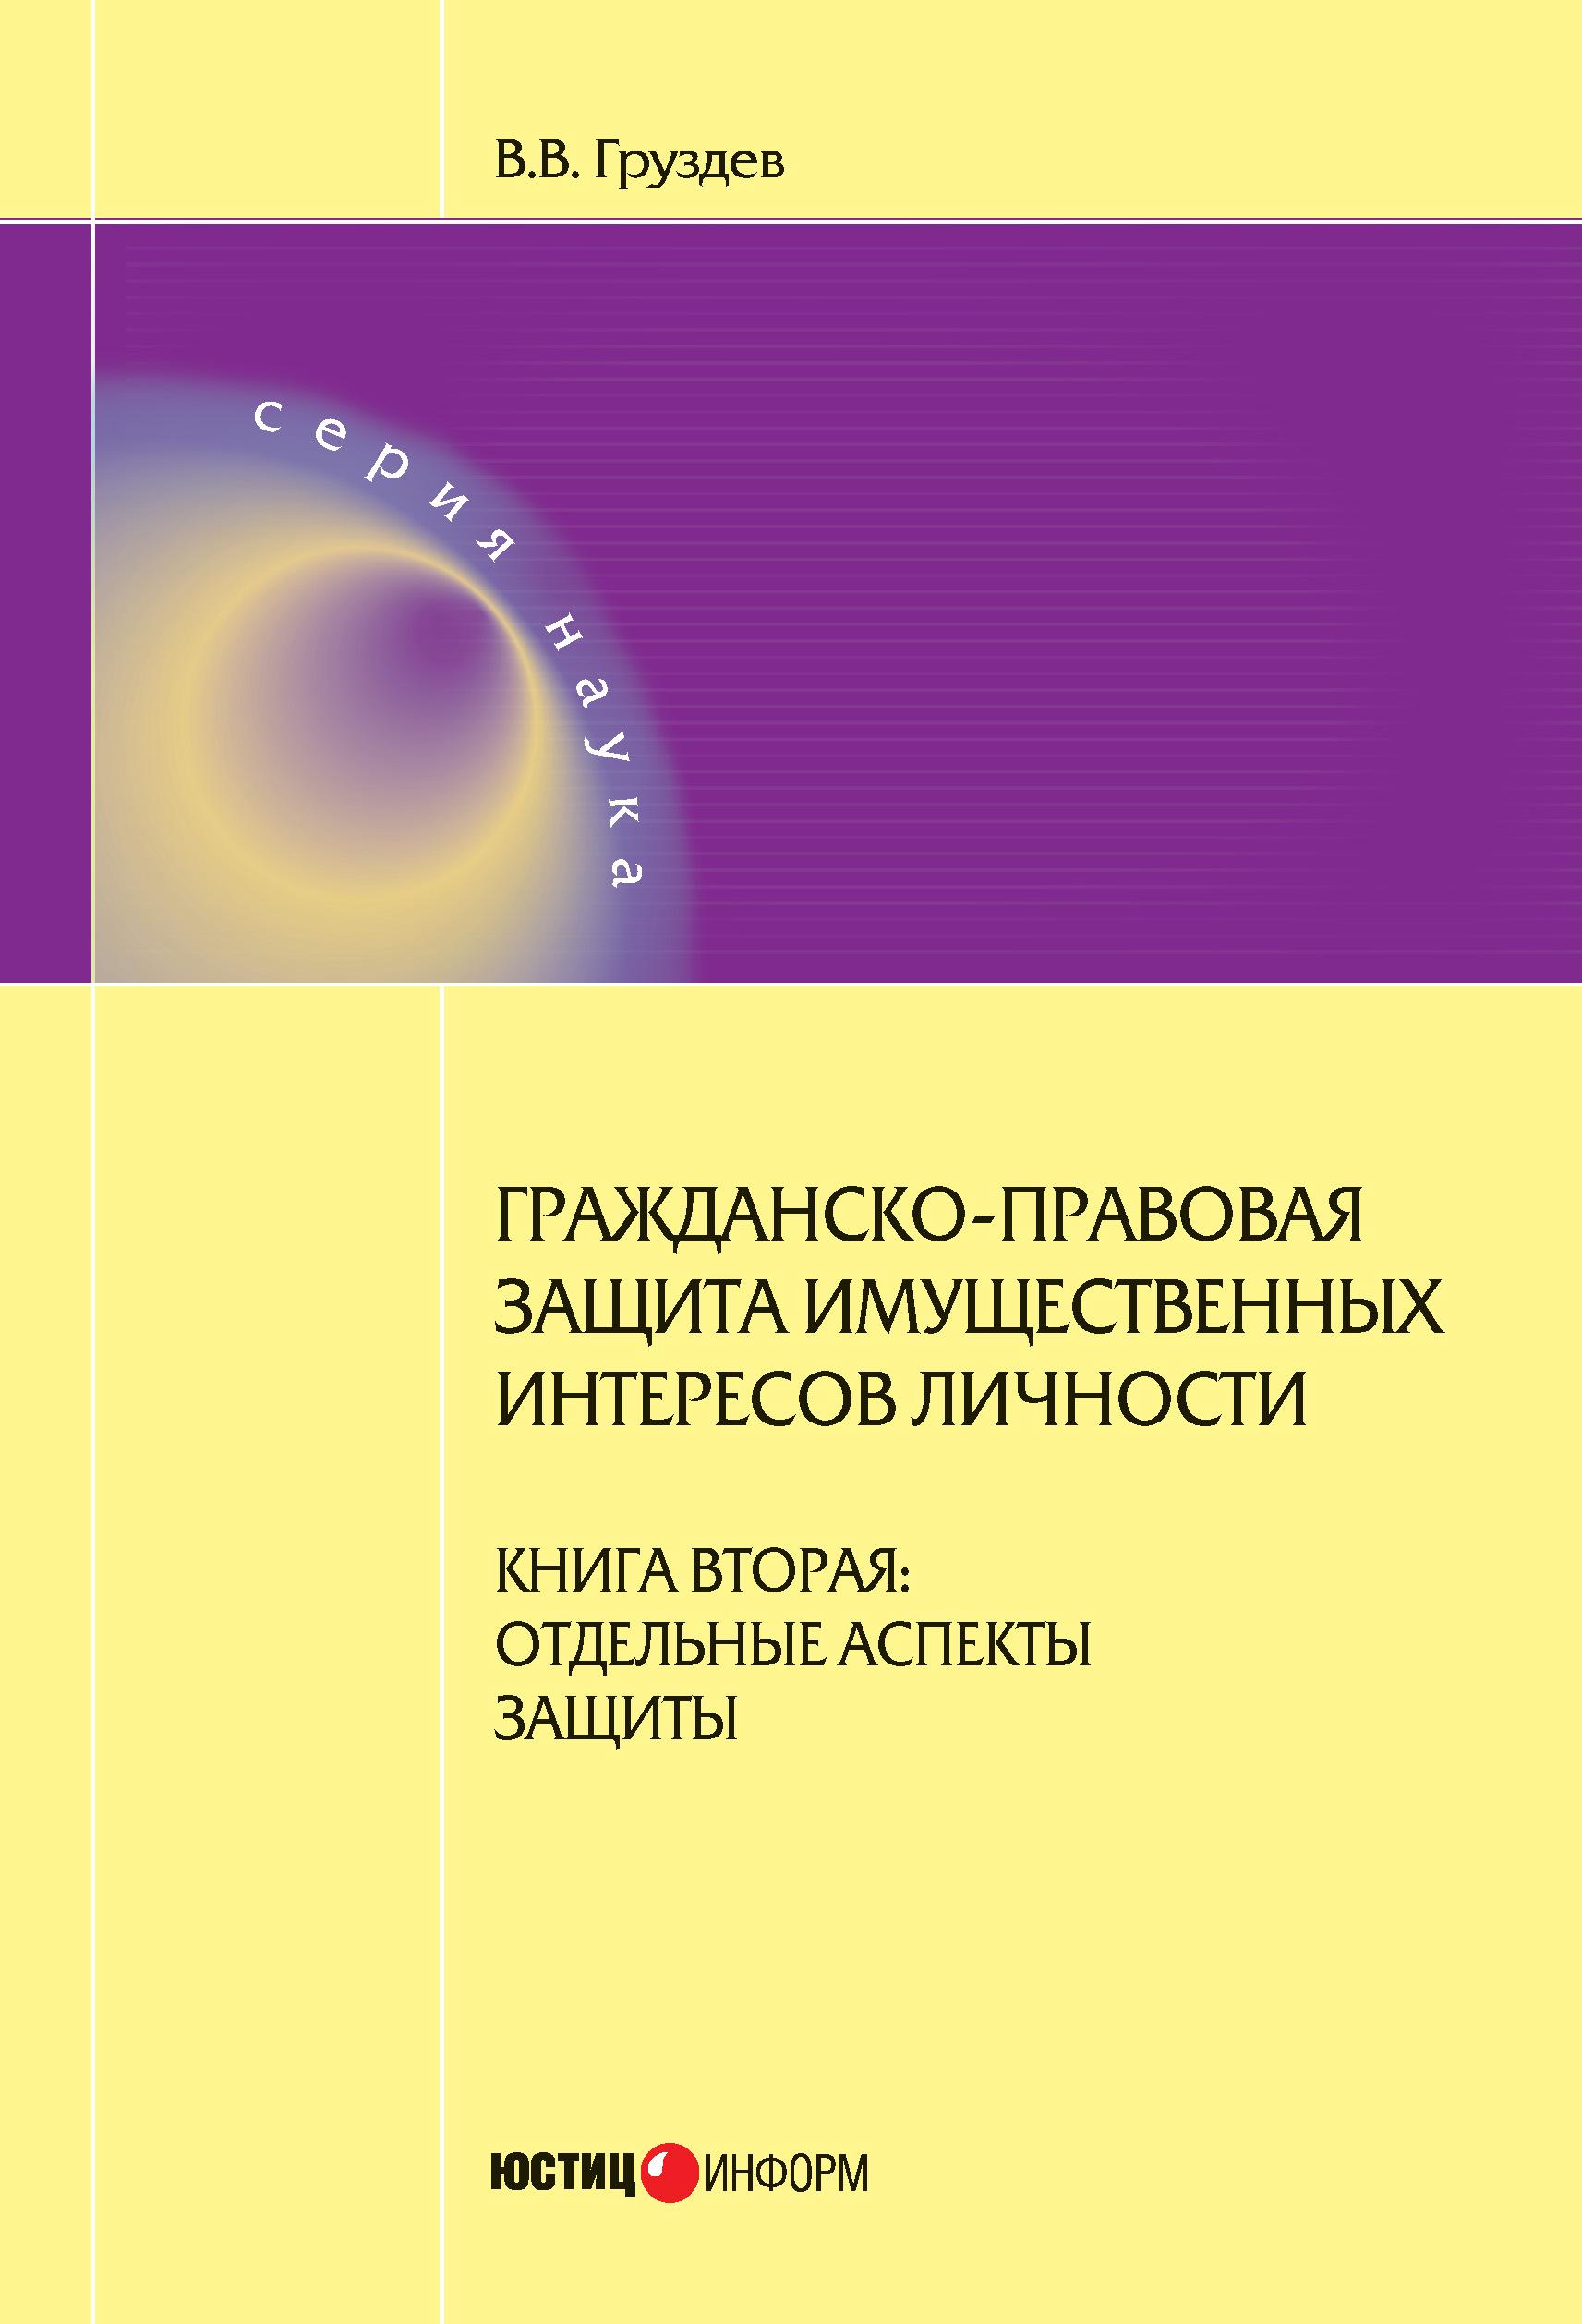 В. В. Груздев Гражданско-правовая защита имущественных интересов личности. Книга 2. Отдельные аспекты защиты цена